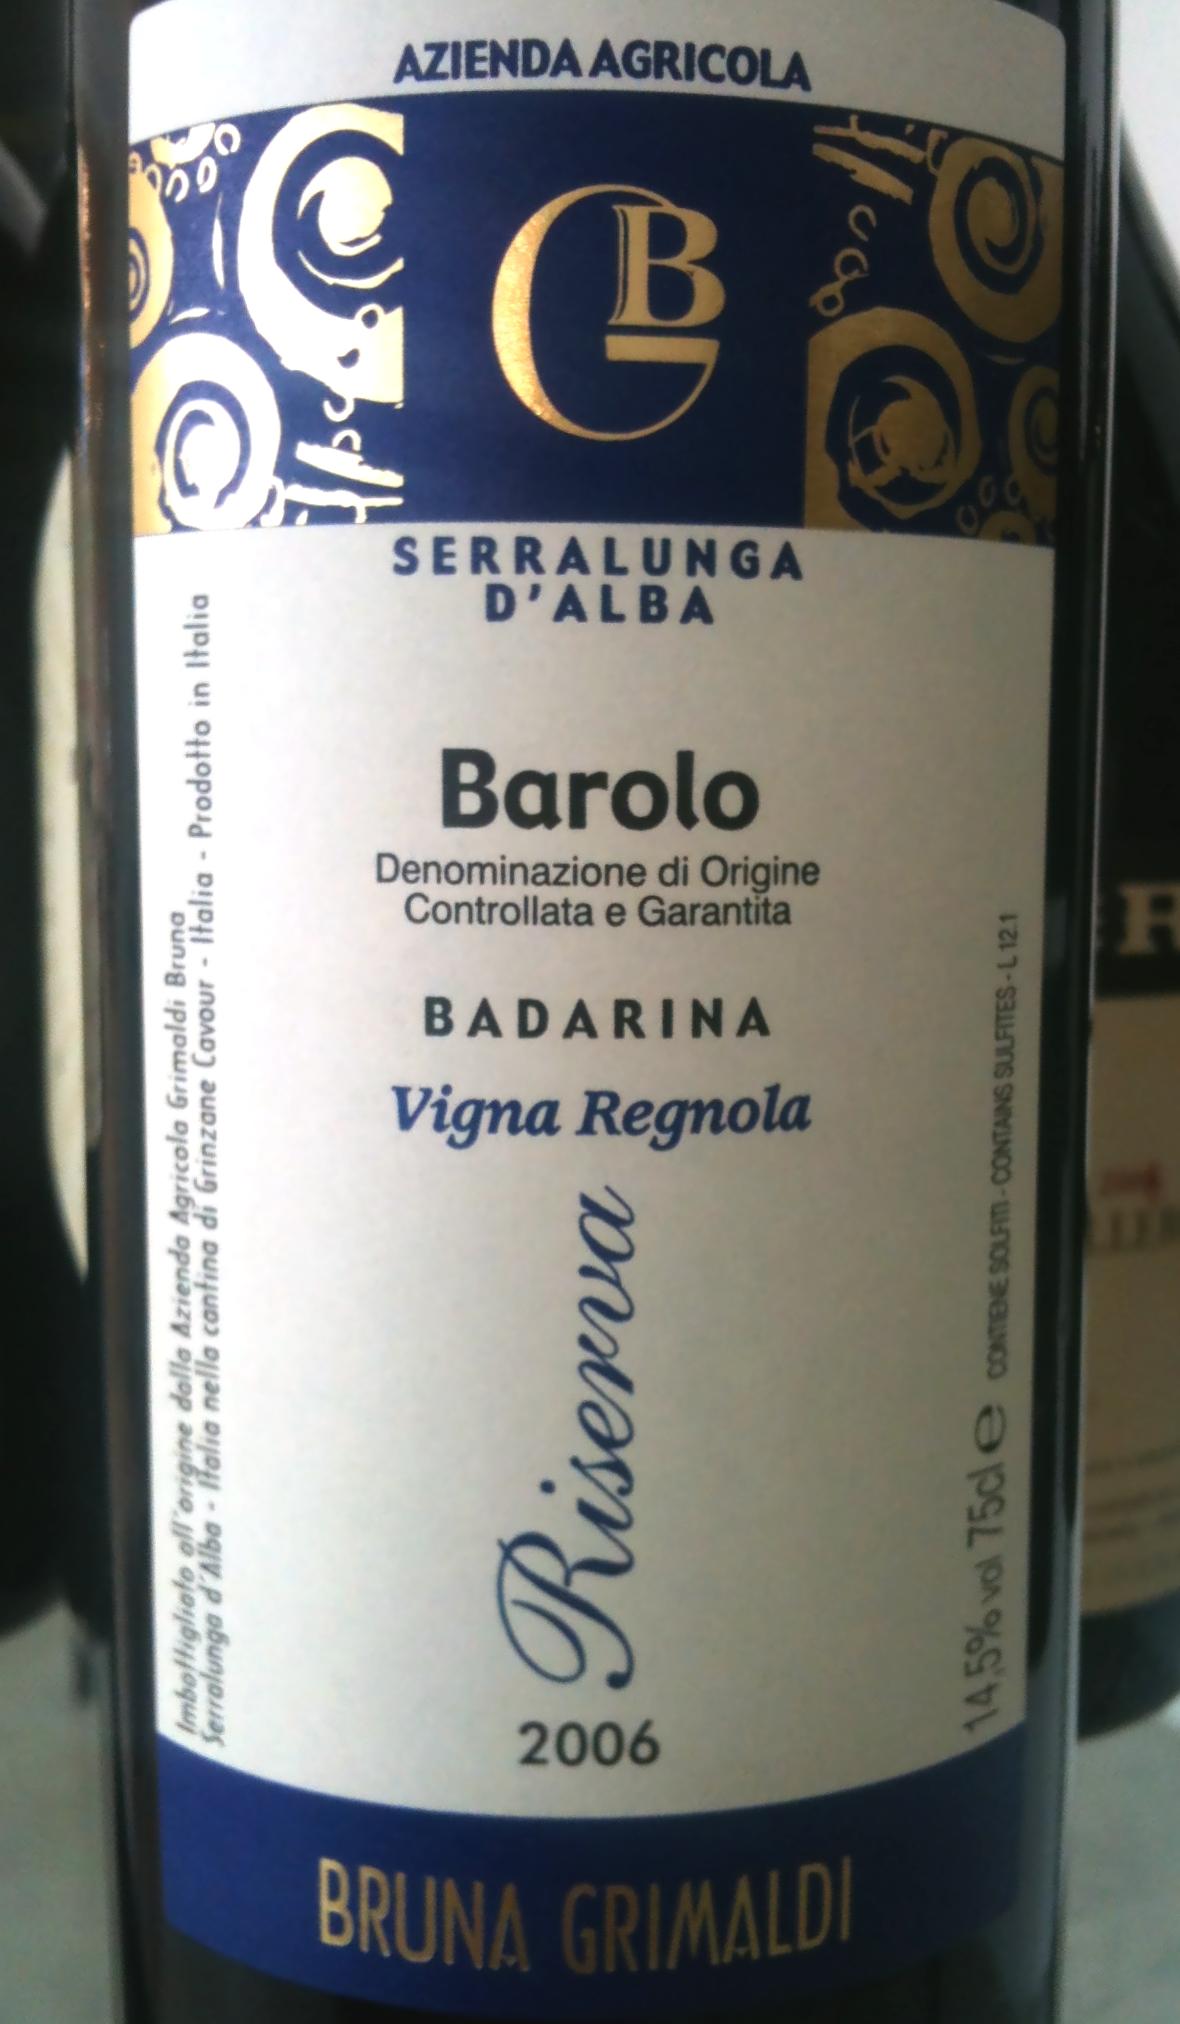 Bruna Grimaldi Barolo Riserva Badarina Vigna Regola 2006